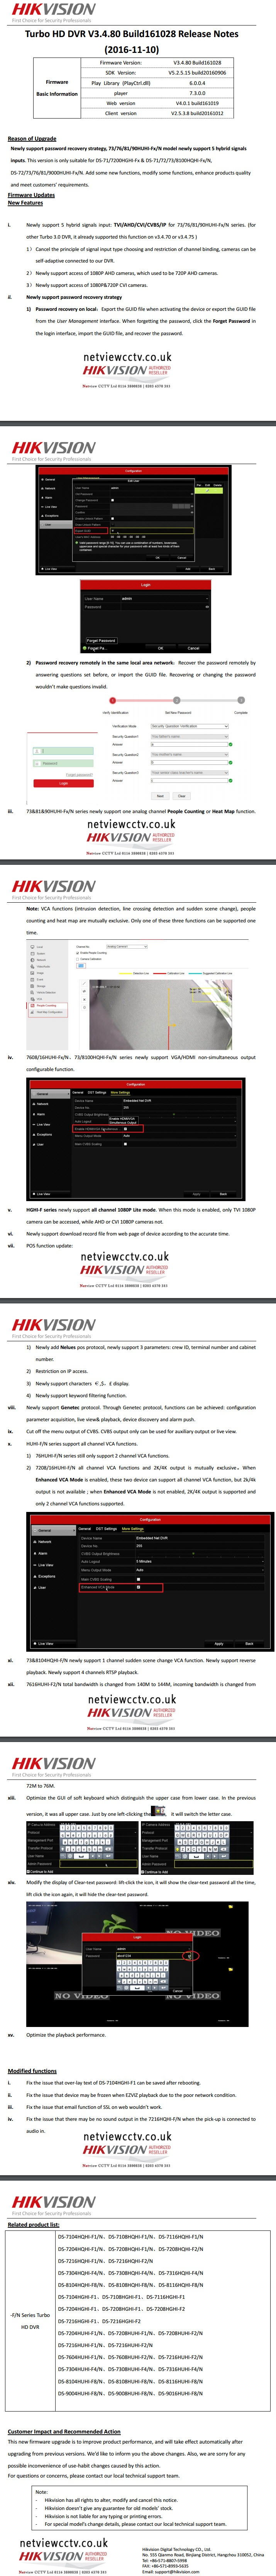 Hikvision Turbo HD DVR V3.4.80 Build161028 Release Notes